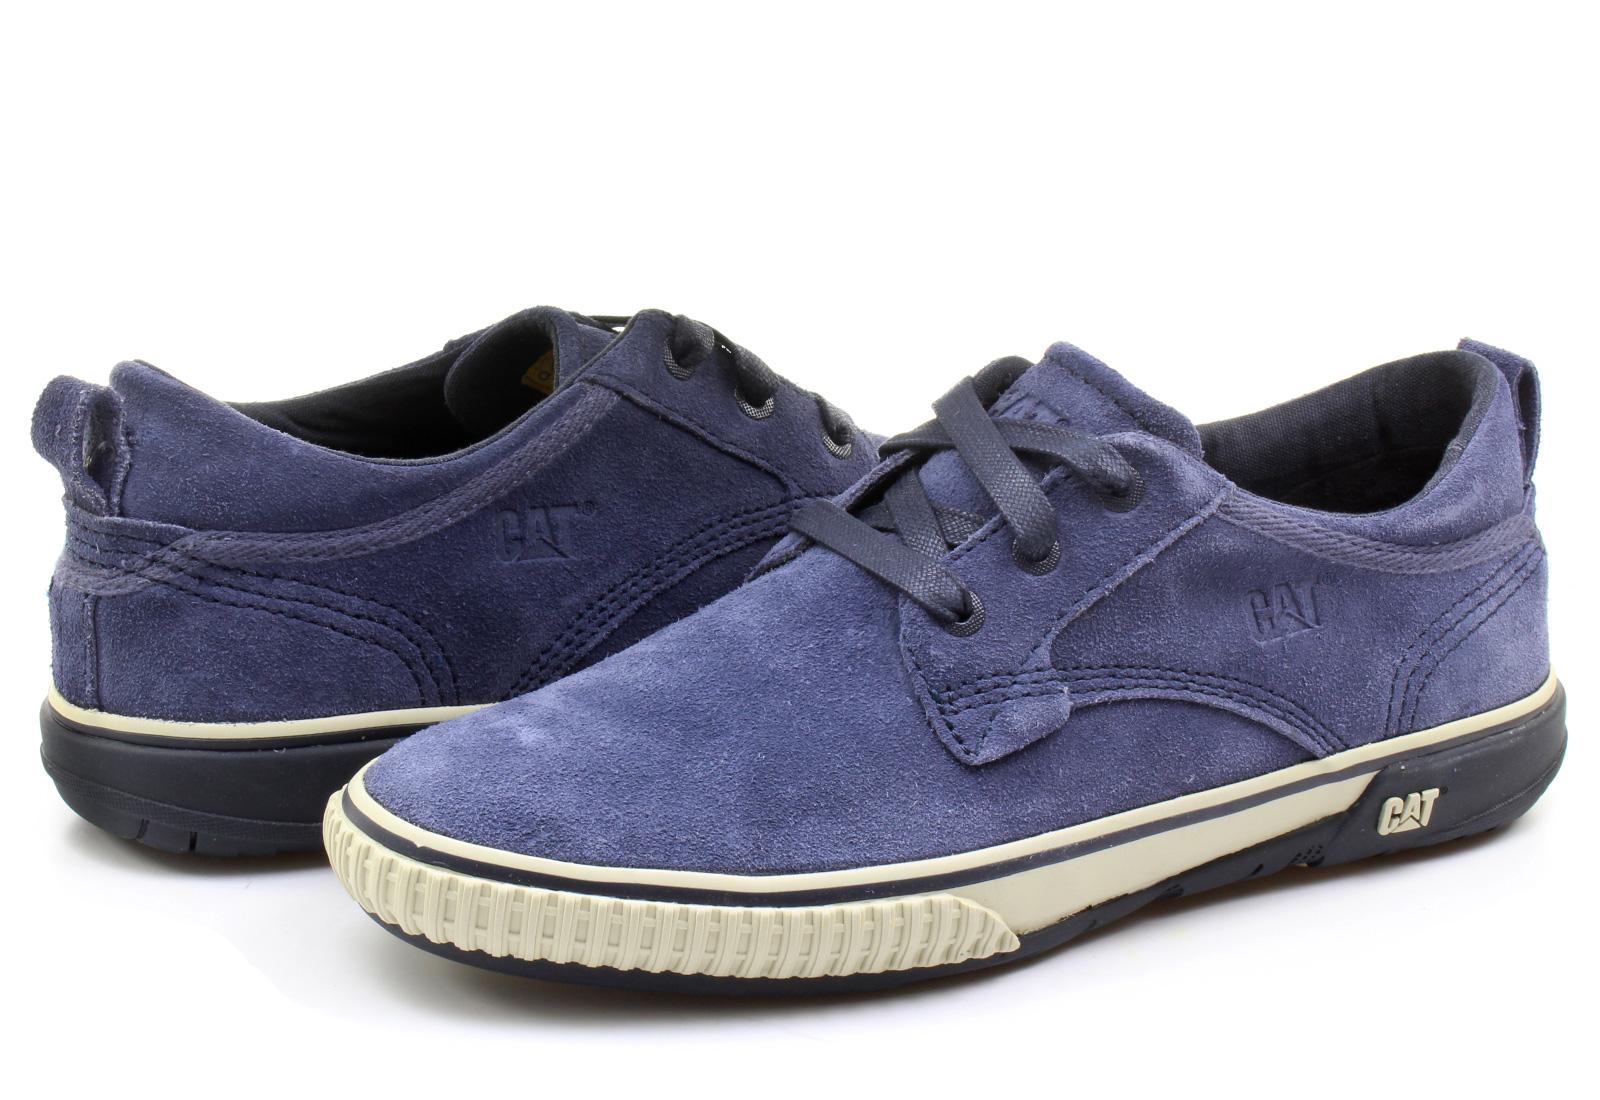 Cat Cipő - Prestige - 718367-sea - Office Shoes Magyarország d6ef40033e